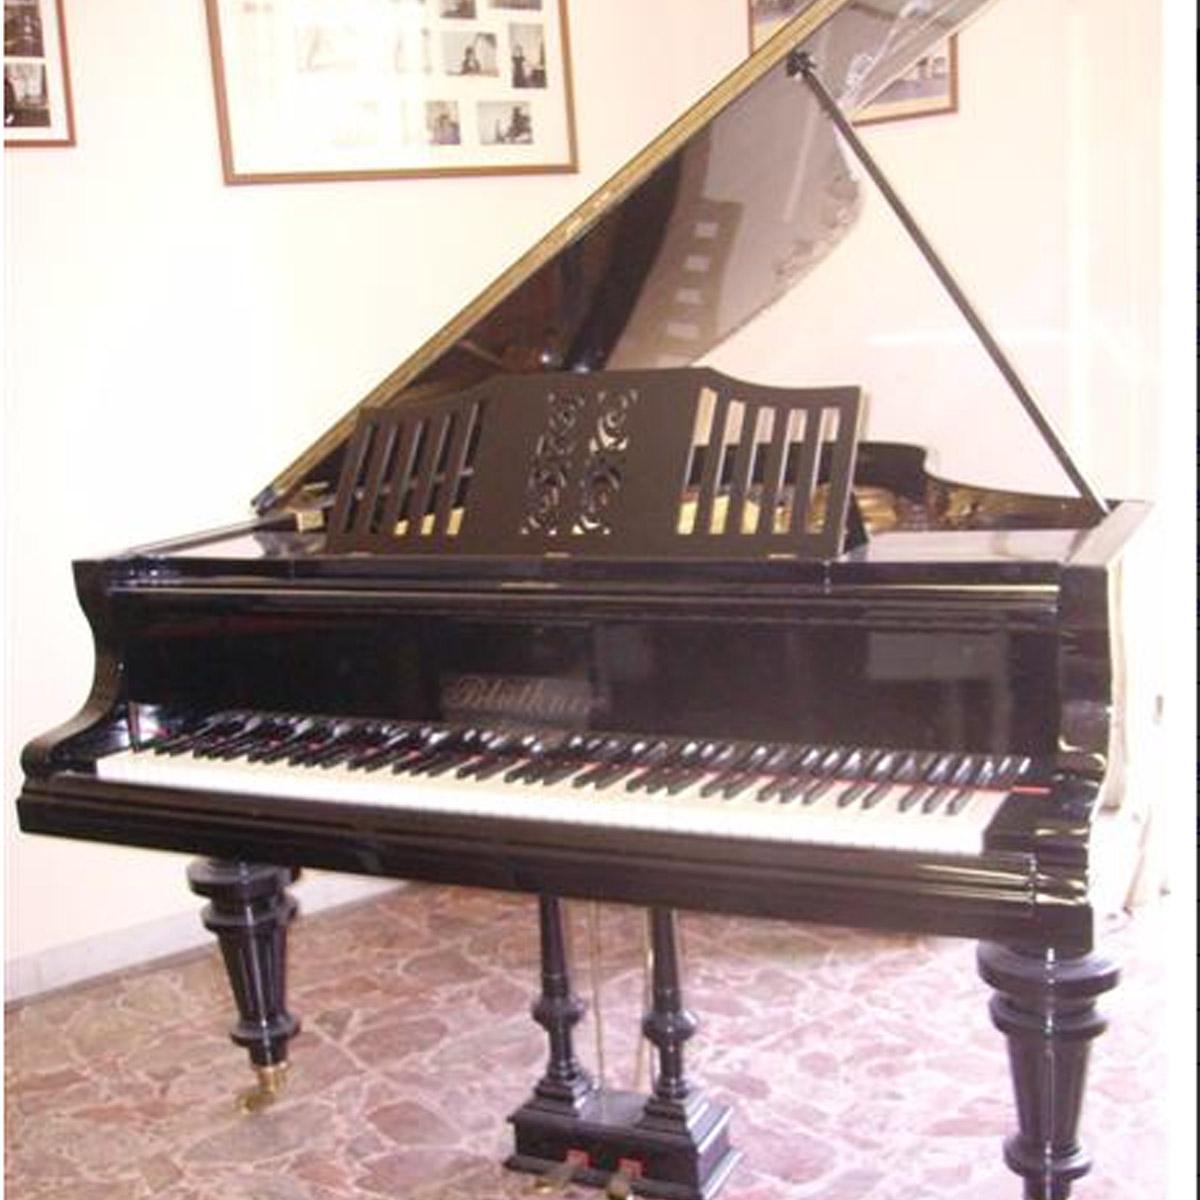 Pianoforte Bluthner 1/2 Coda - Alberto Napolitano Pianoforti Napoli